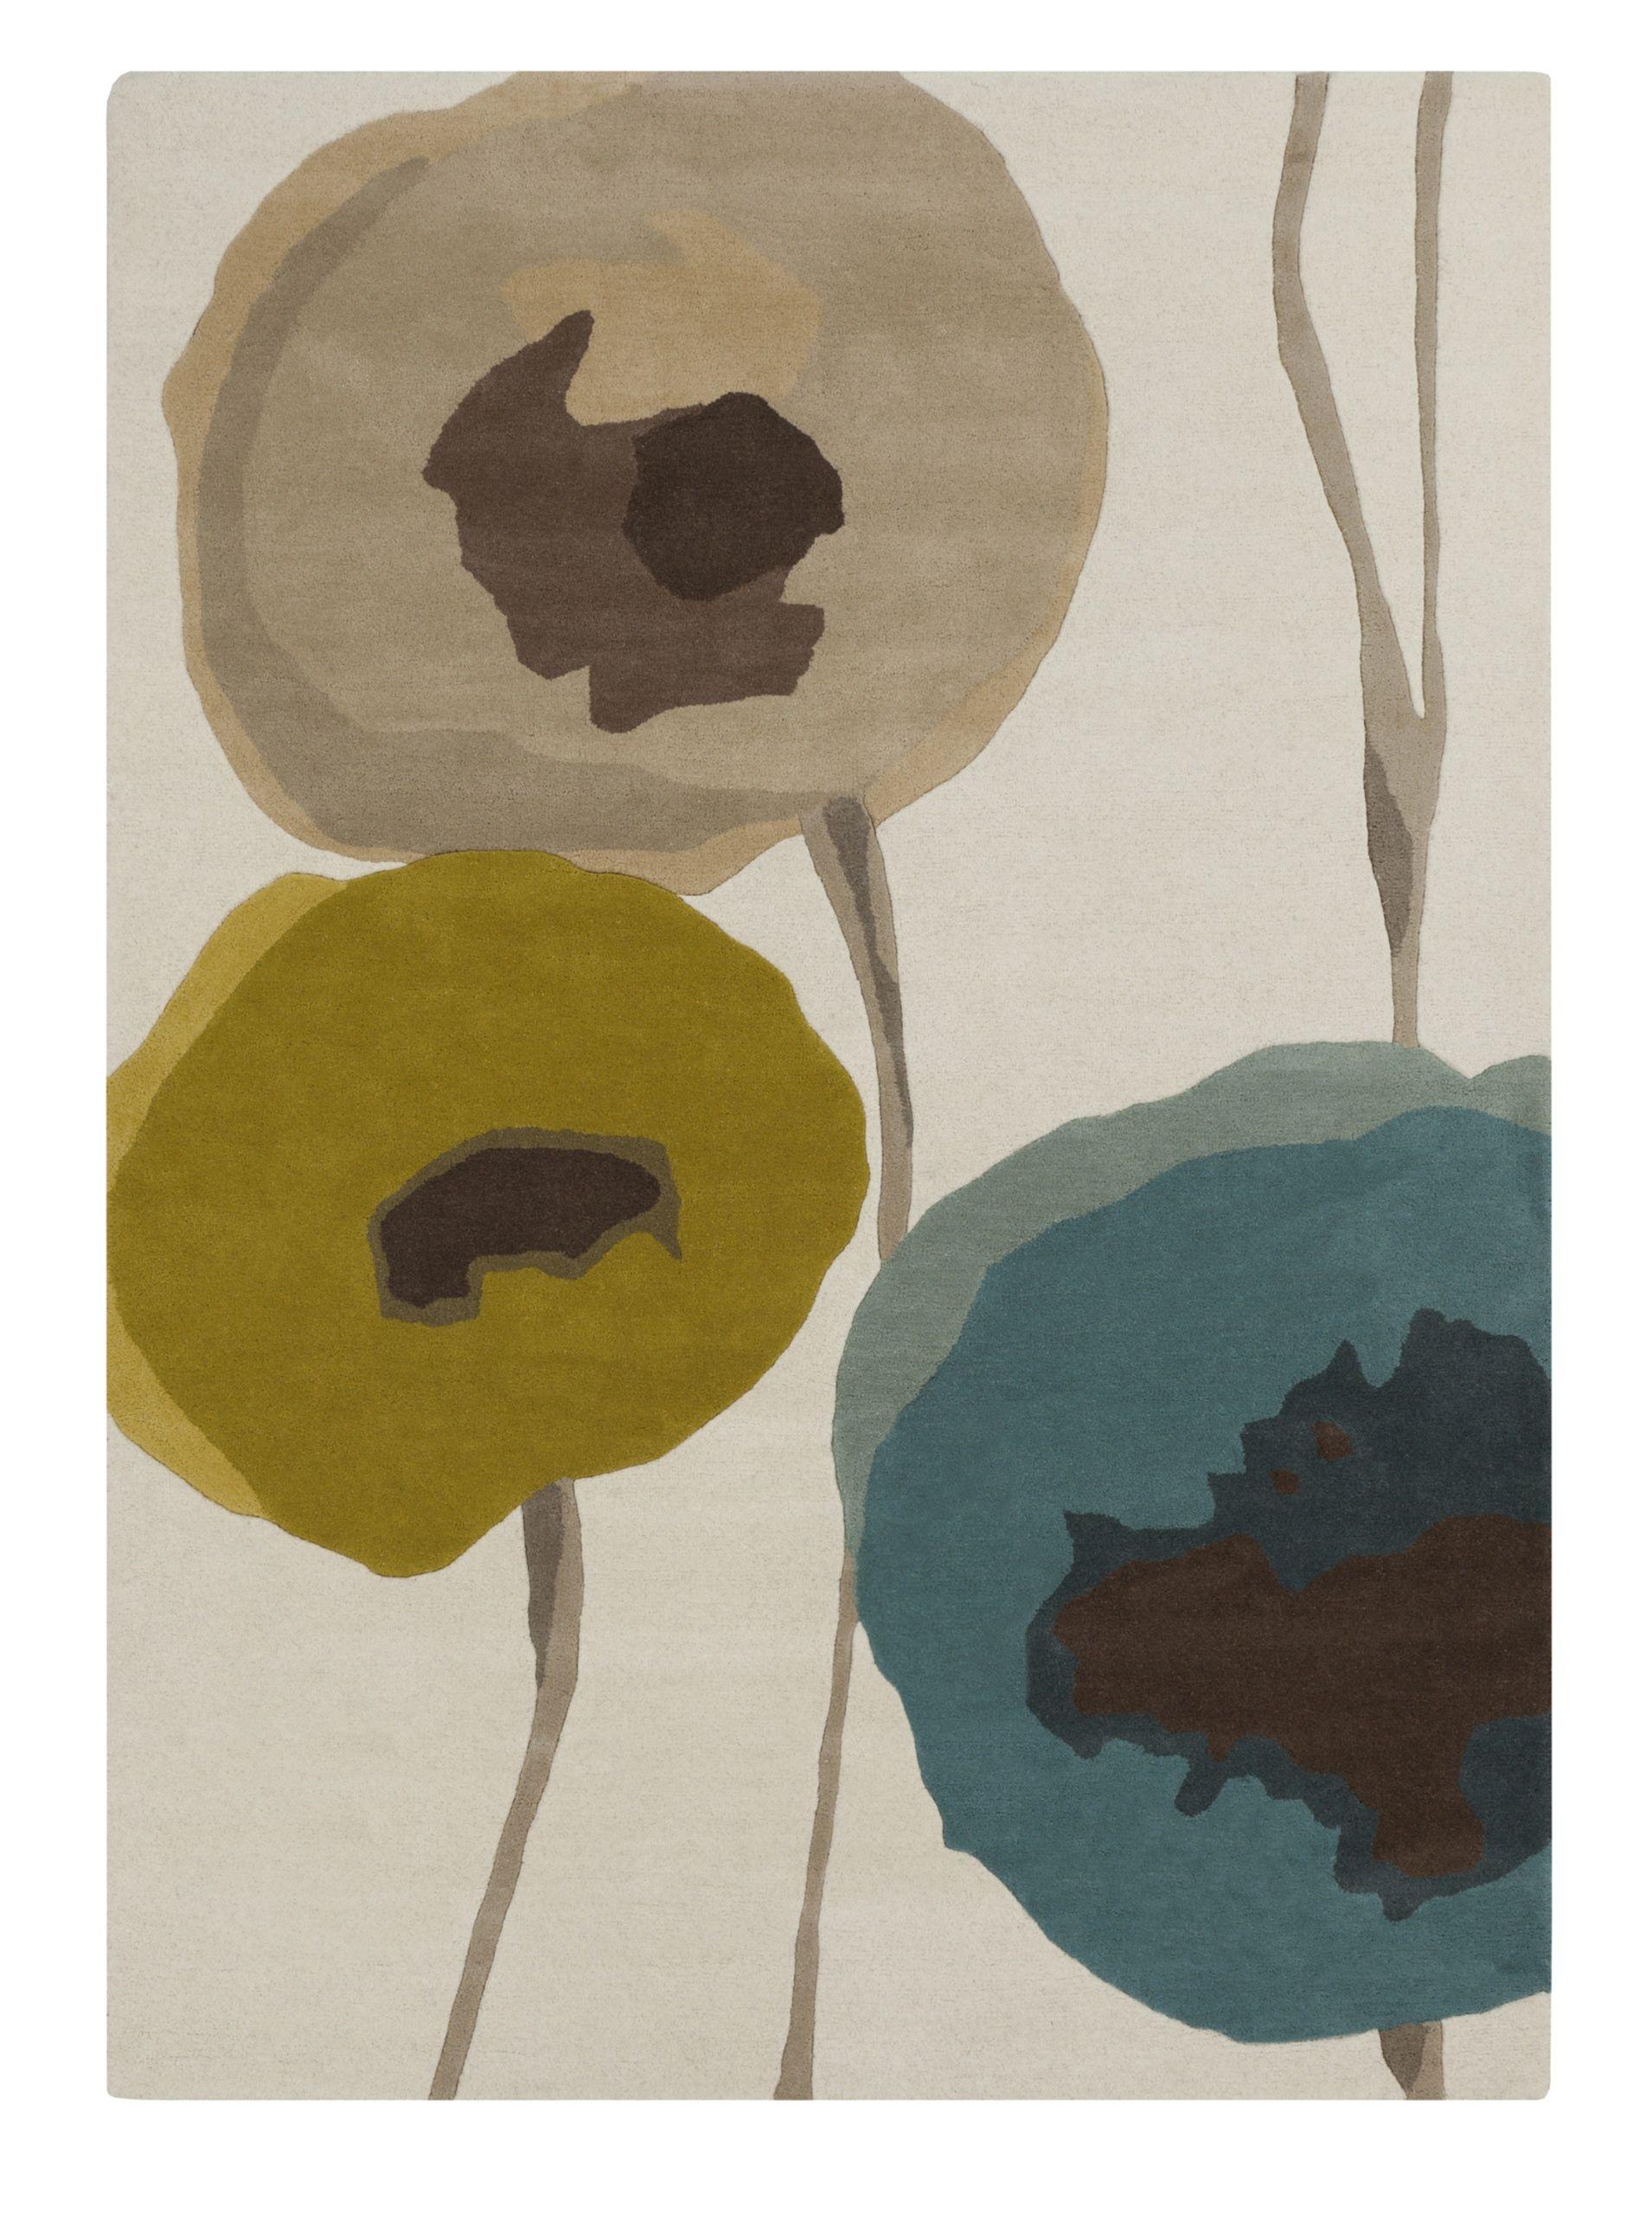 Surya Sanderson Rug, Taupe/Olive/Teal, 2' x 3' at MYHABIT